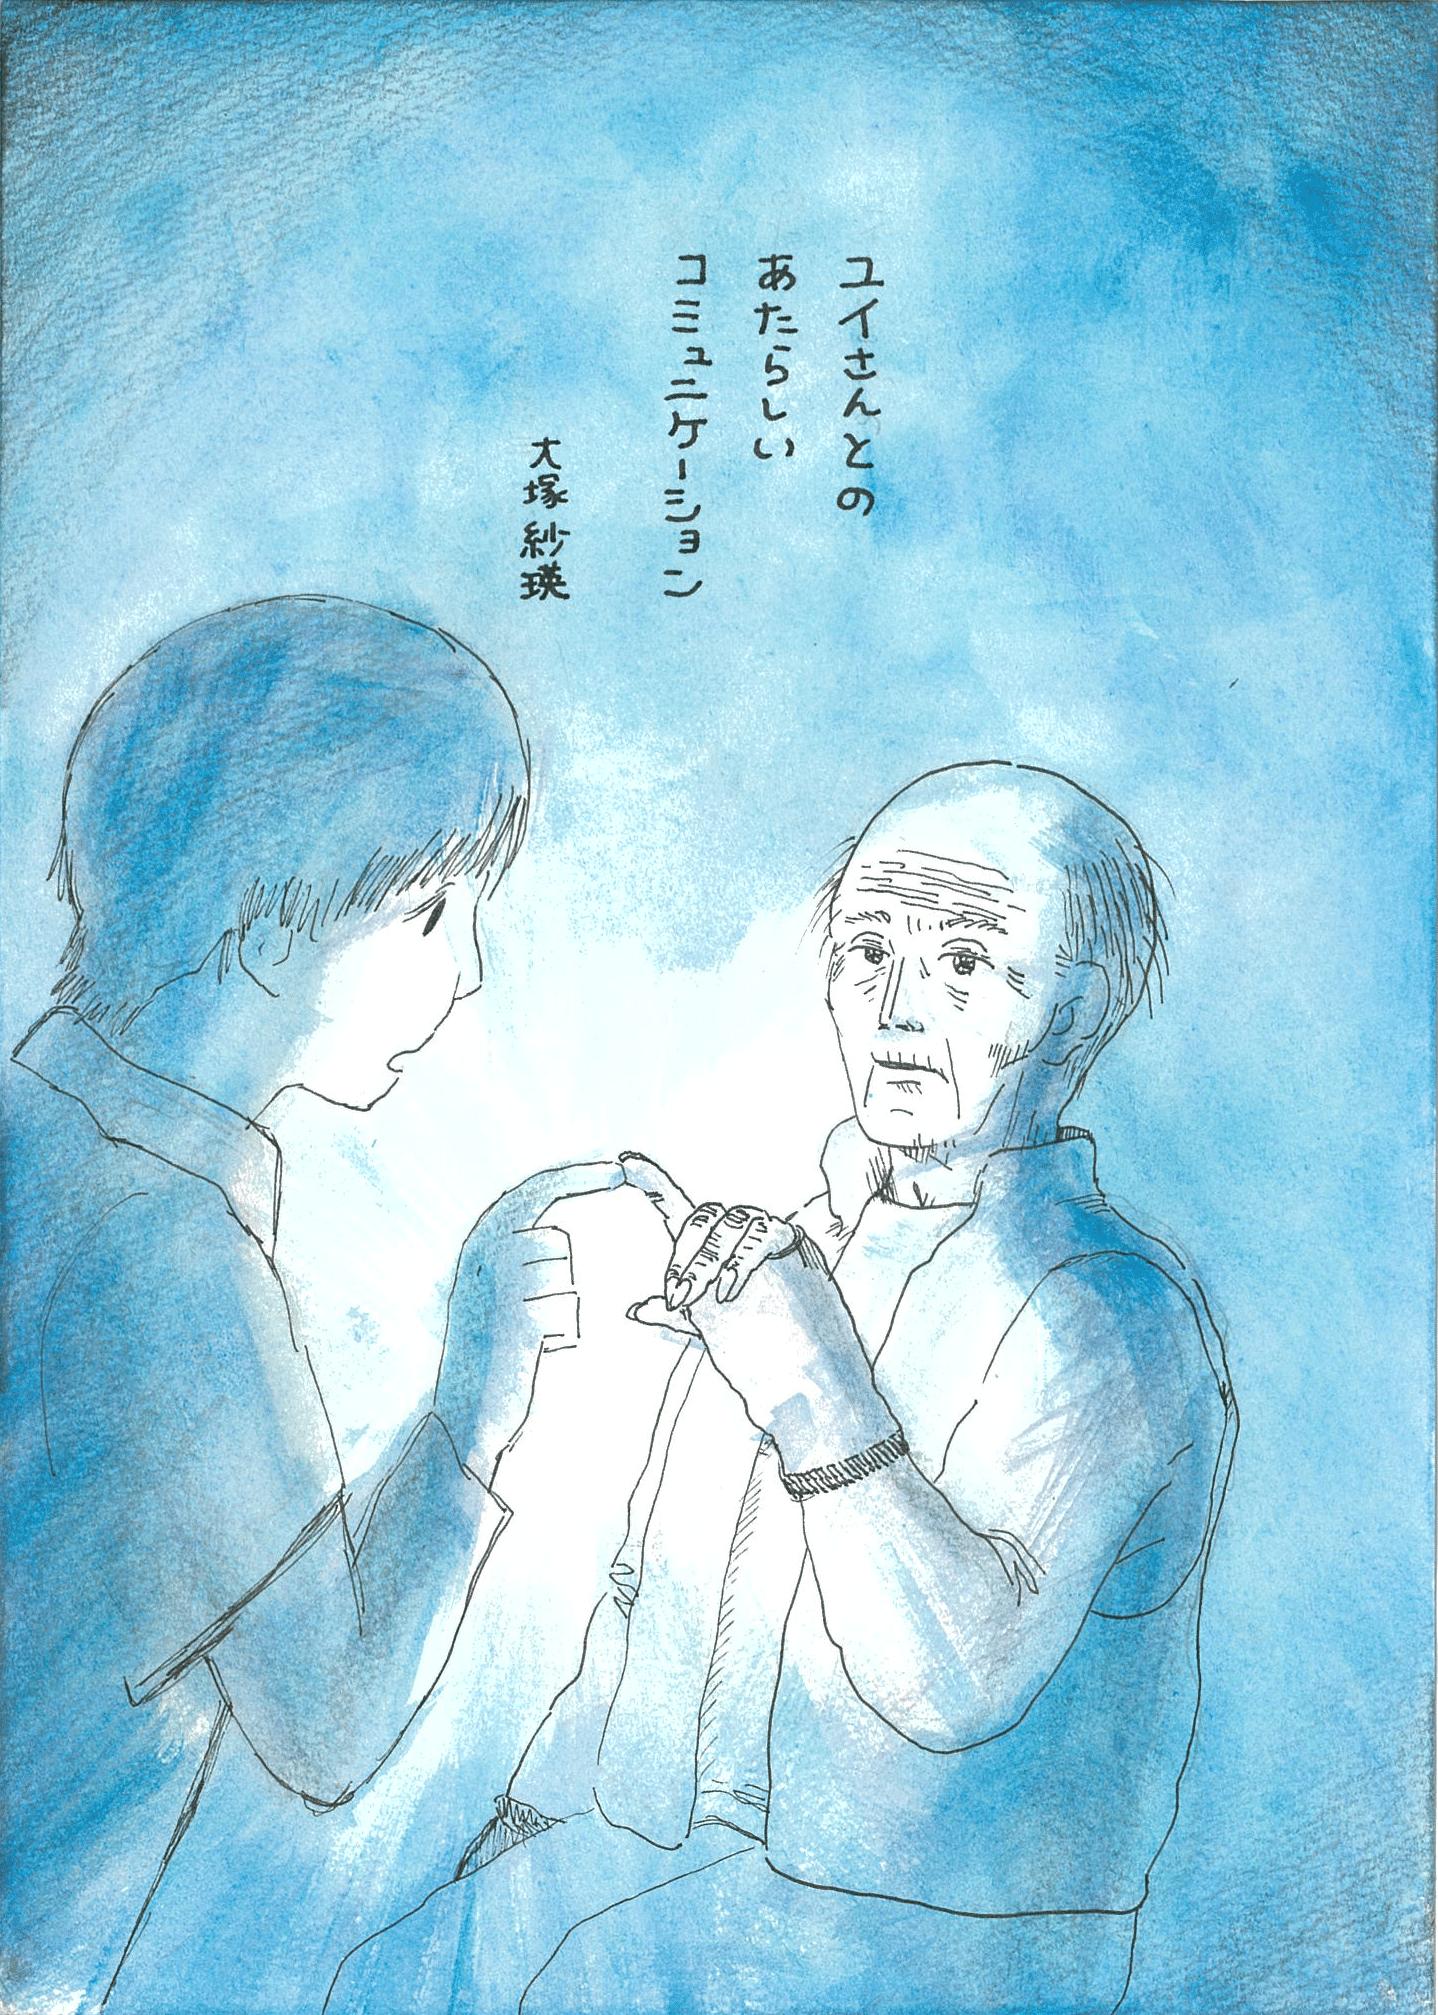 【連載】大塚紗瑛の介護絵日記「ユイさんと交信」